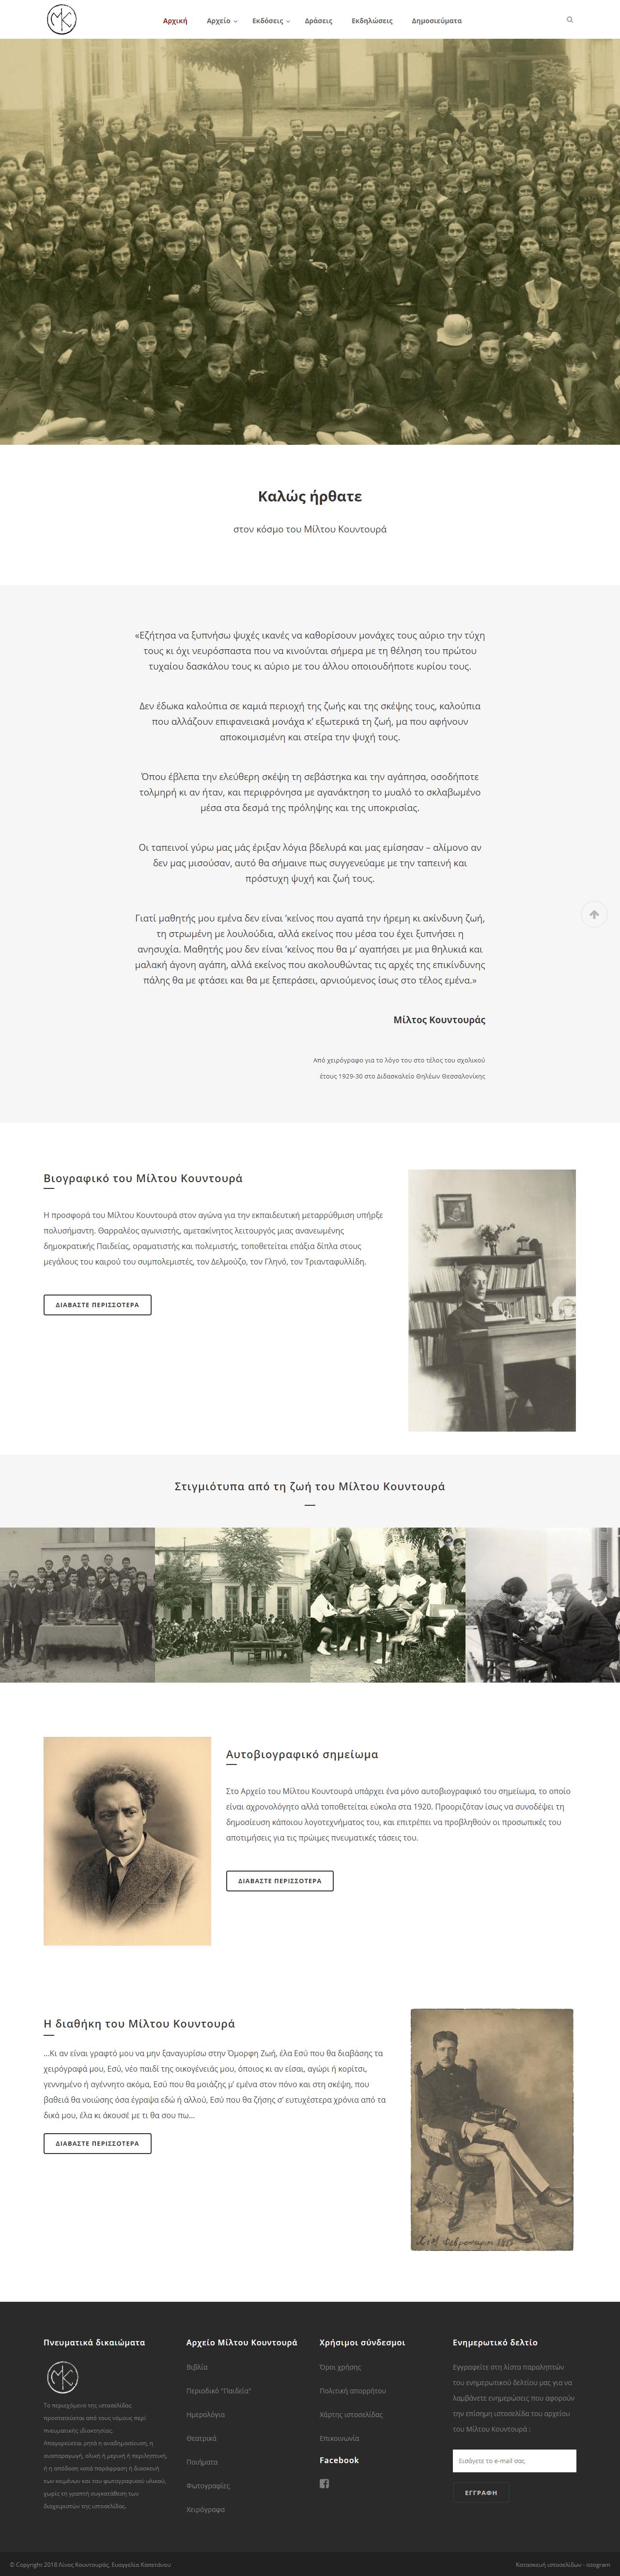 Κατασκευή της ιστοσελίδας miltokountouras.gr | istogram.com